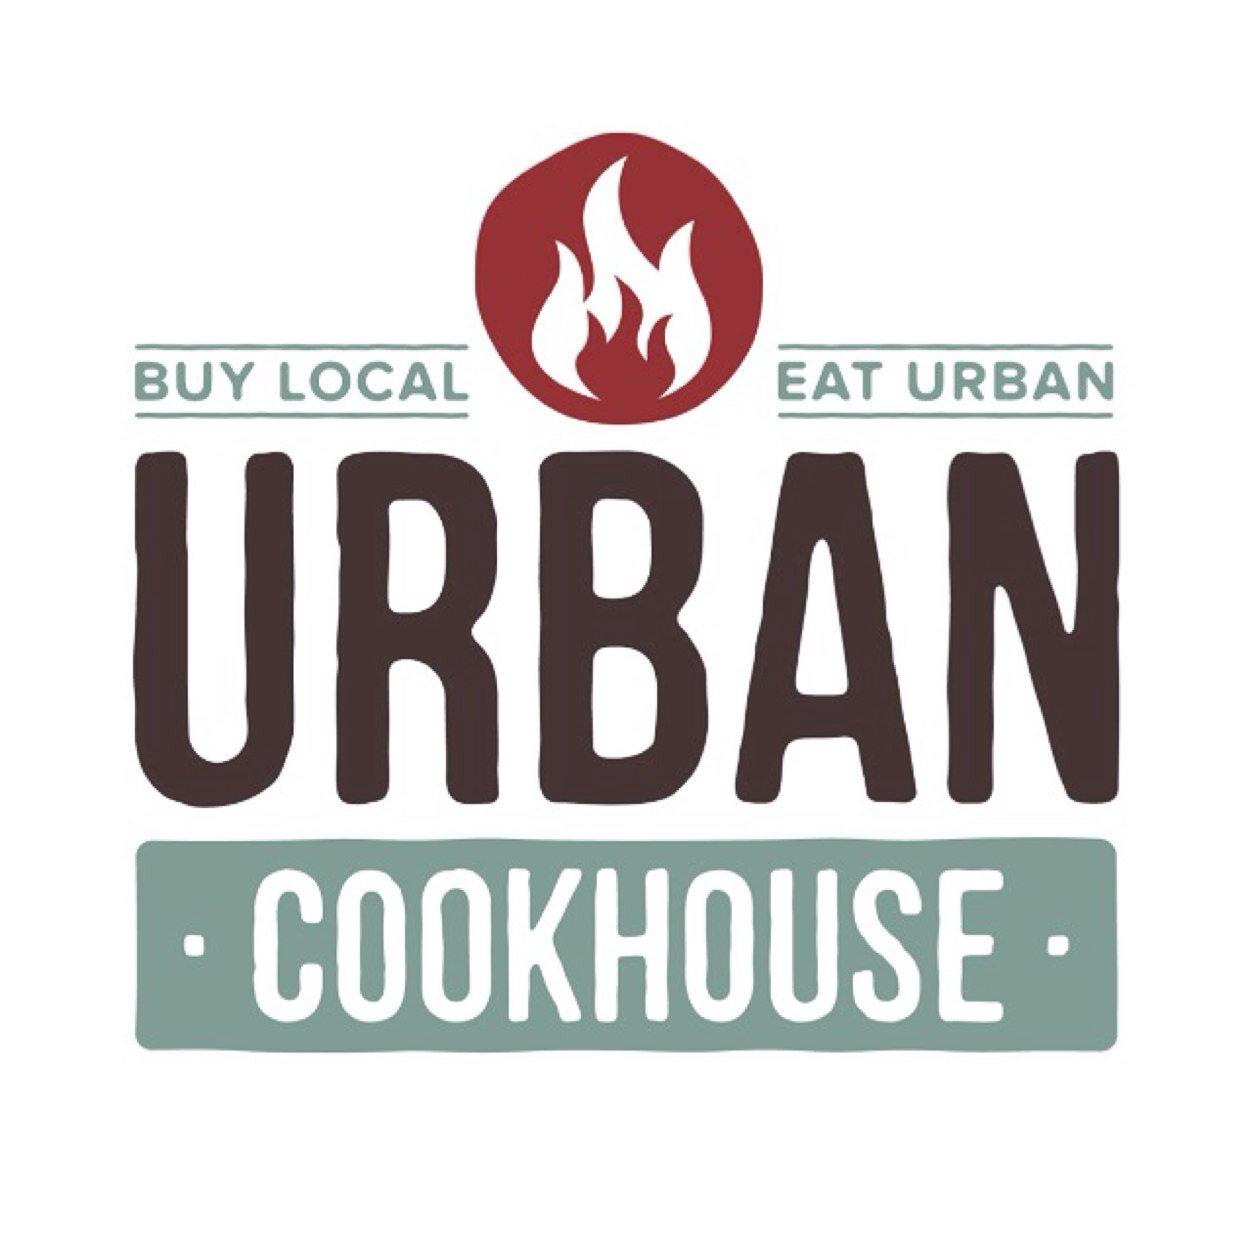 Urban Cookhouse (@UrbanCookhouse) | Twitter